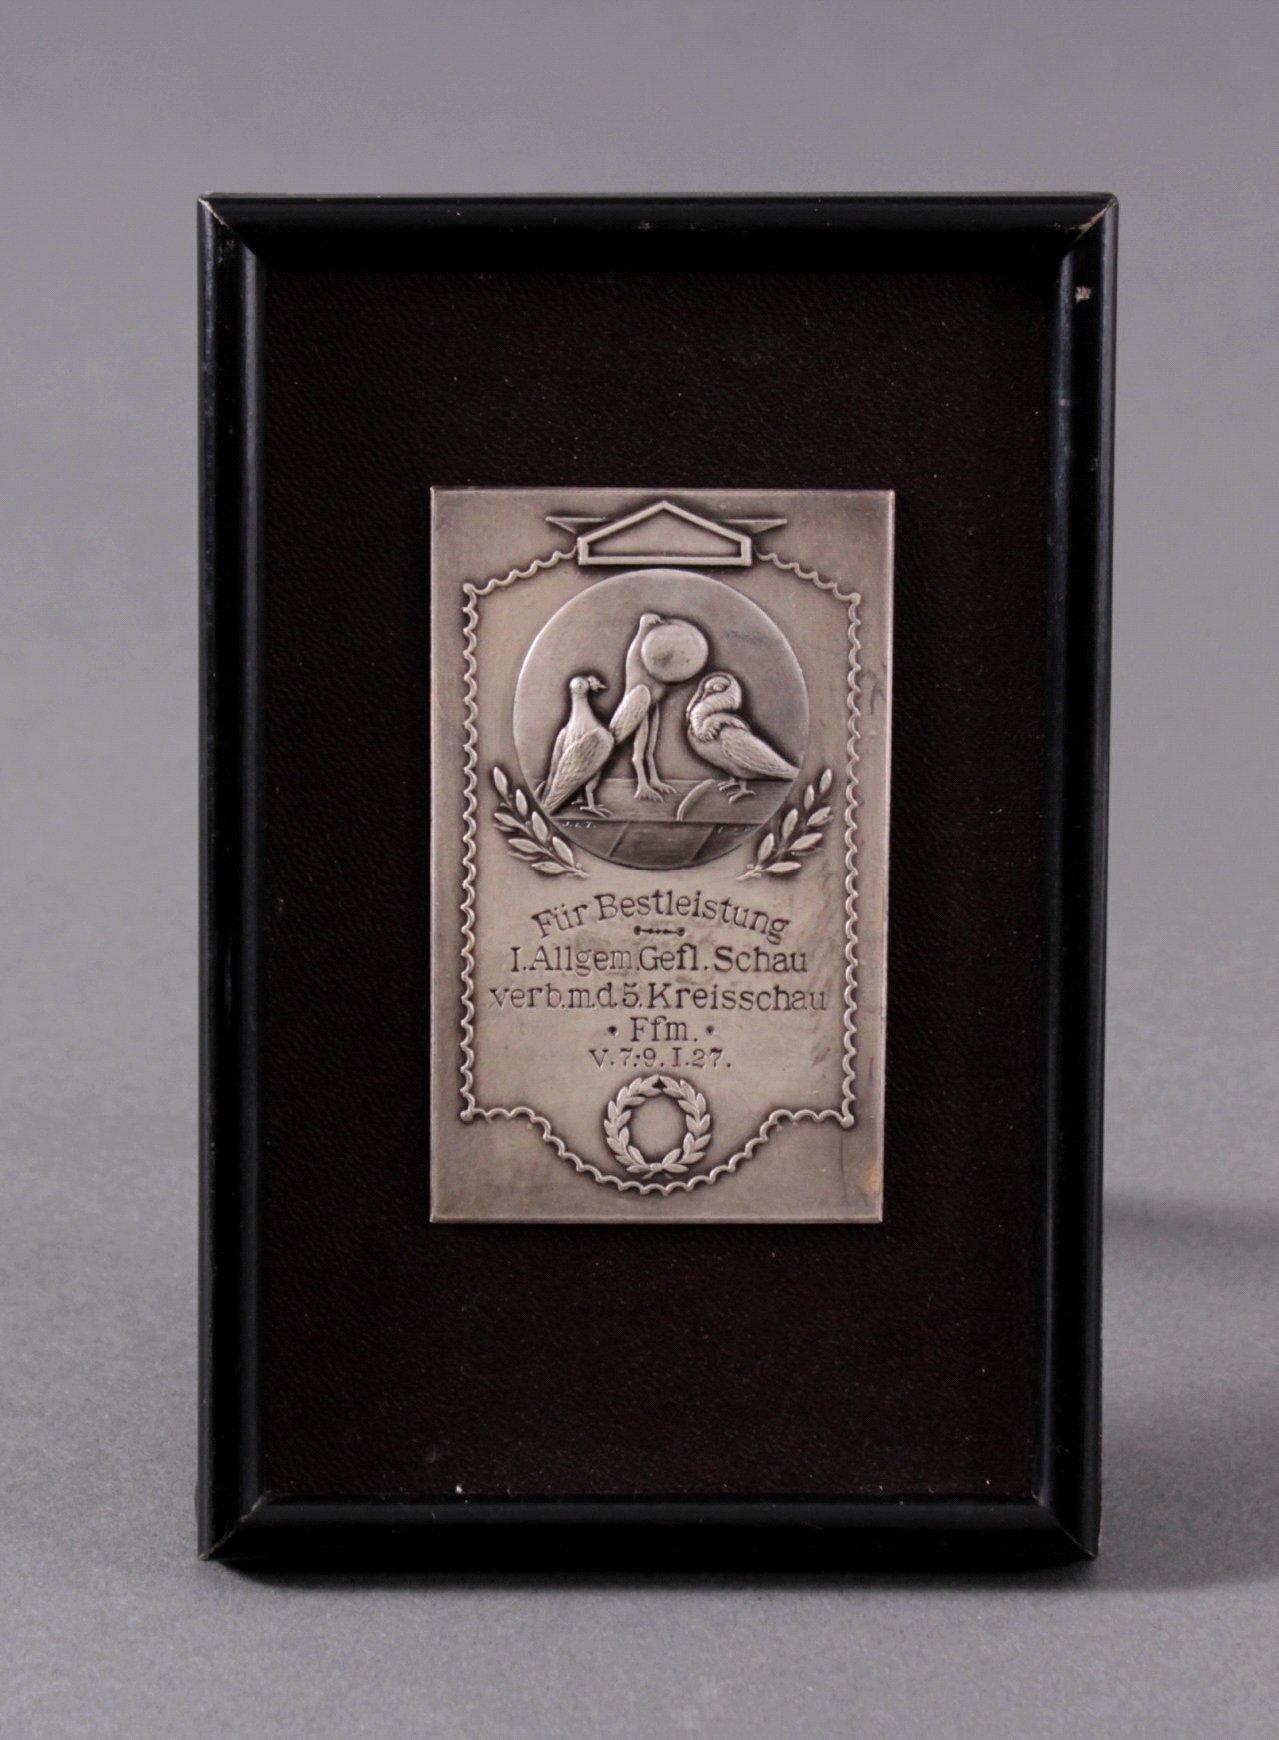 Plakette 1. Allgemeine Geflügelschau Frankfurt 1927